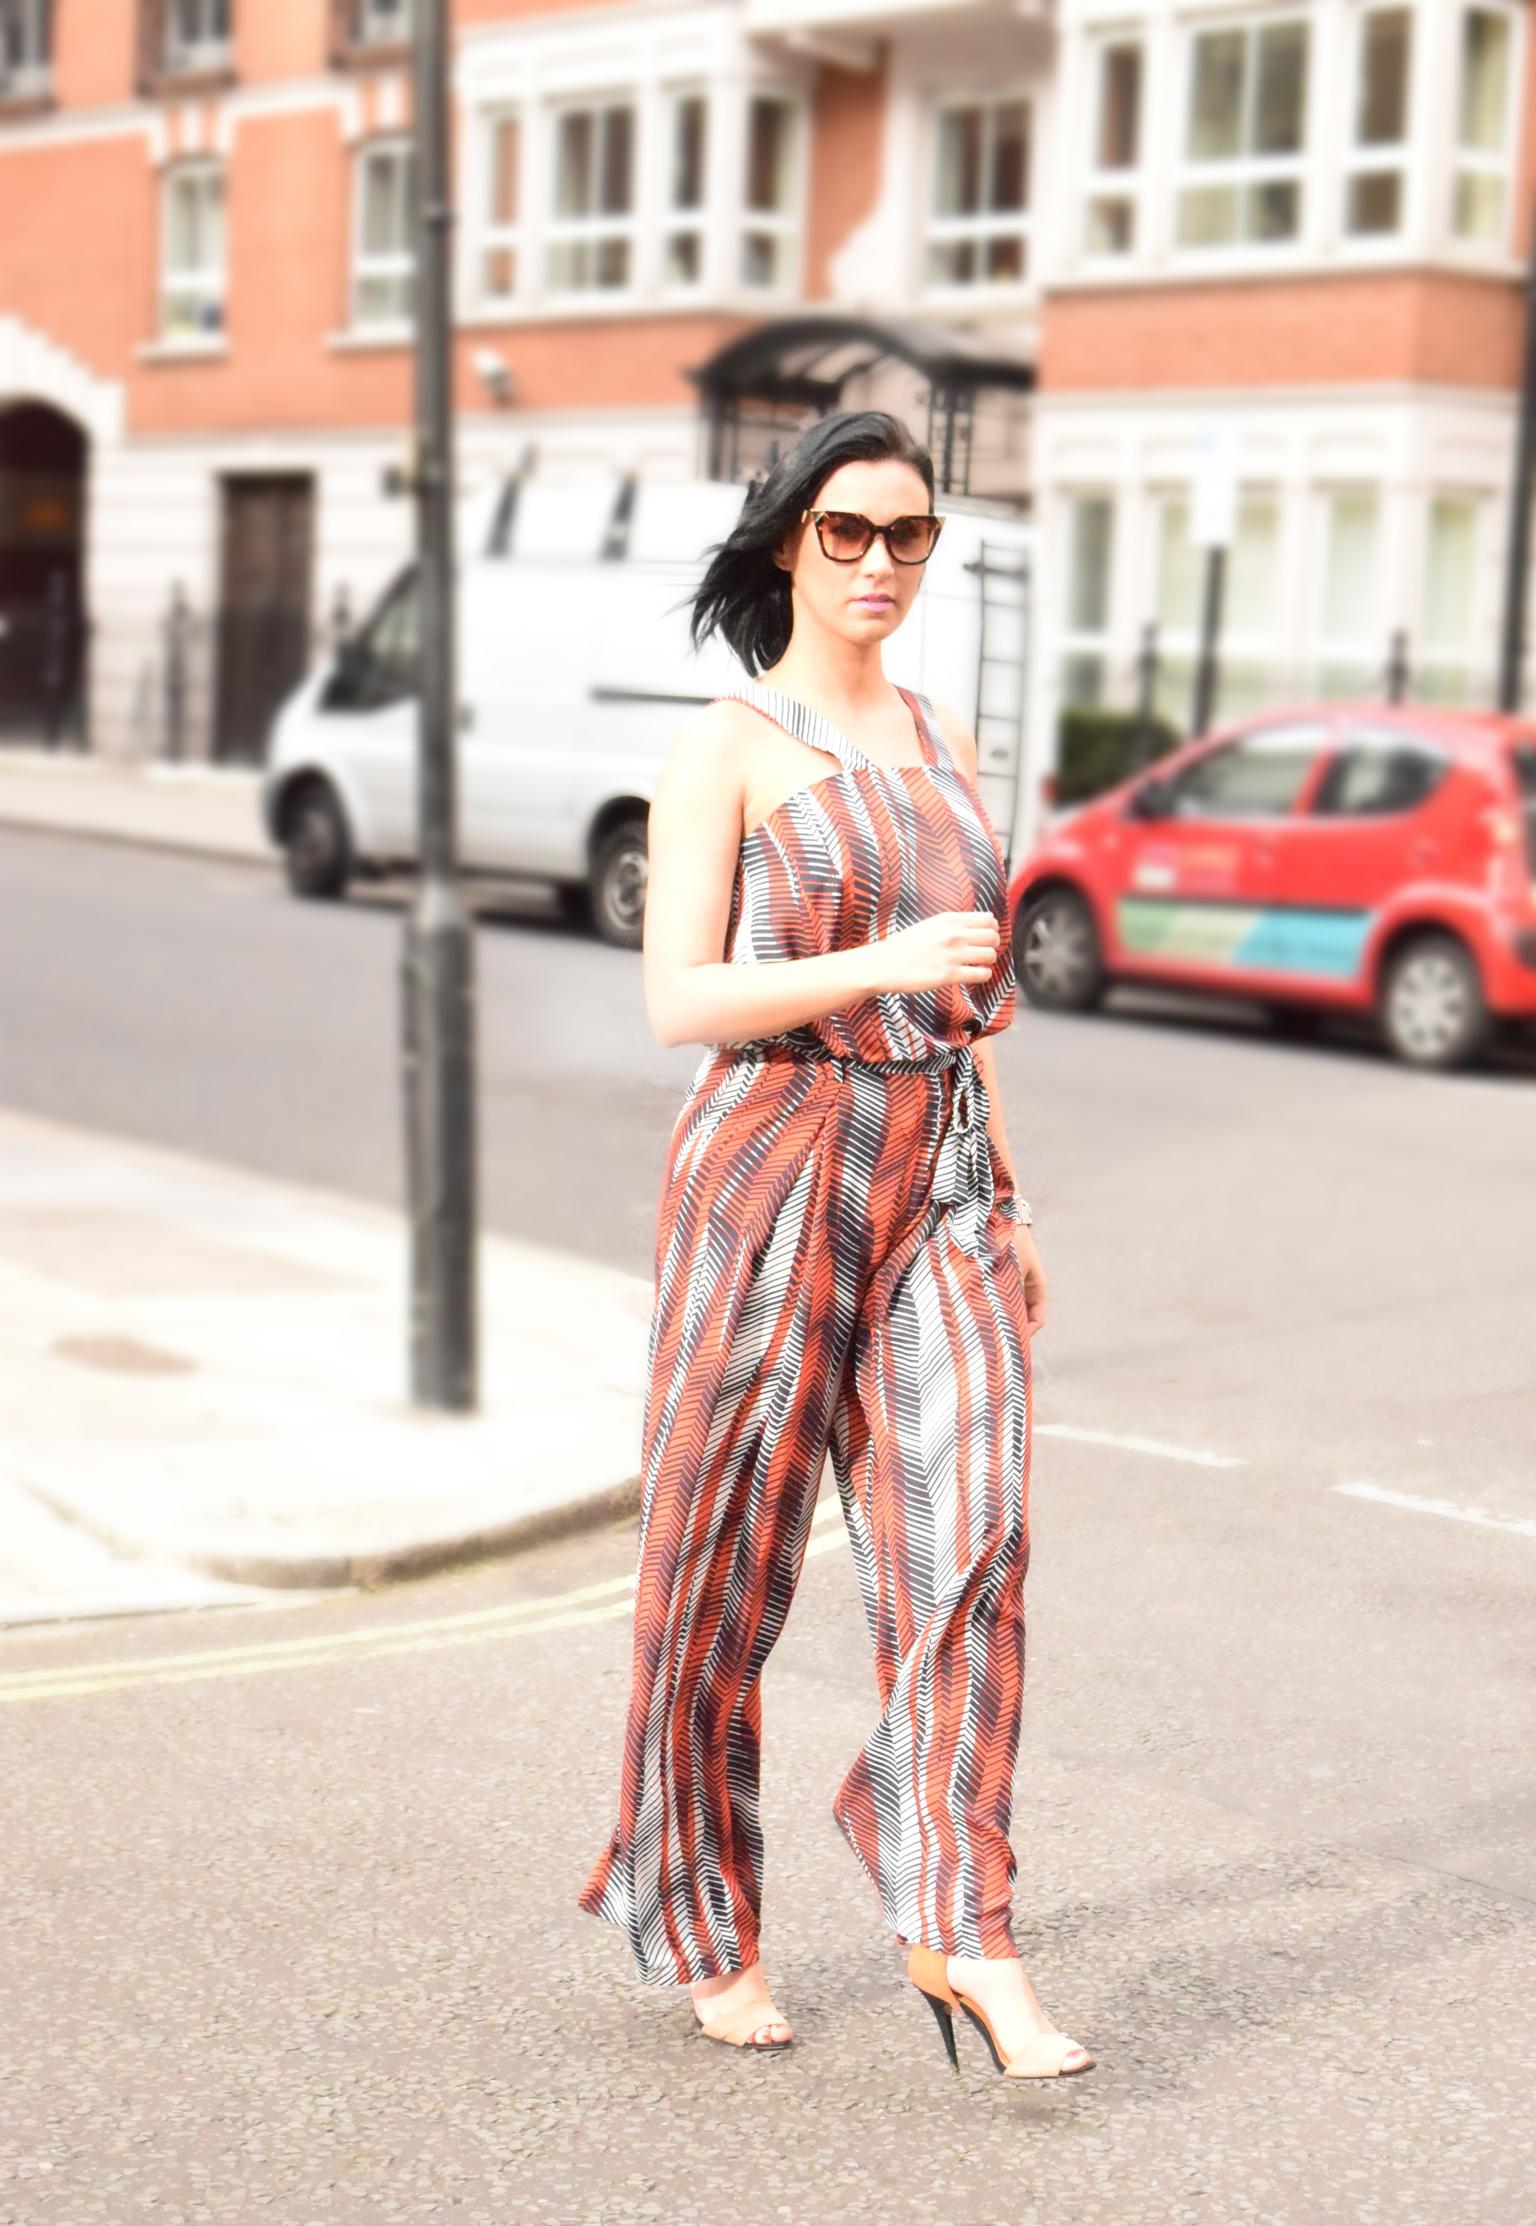 pantalon_blurry1